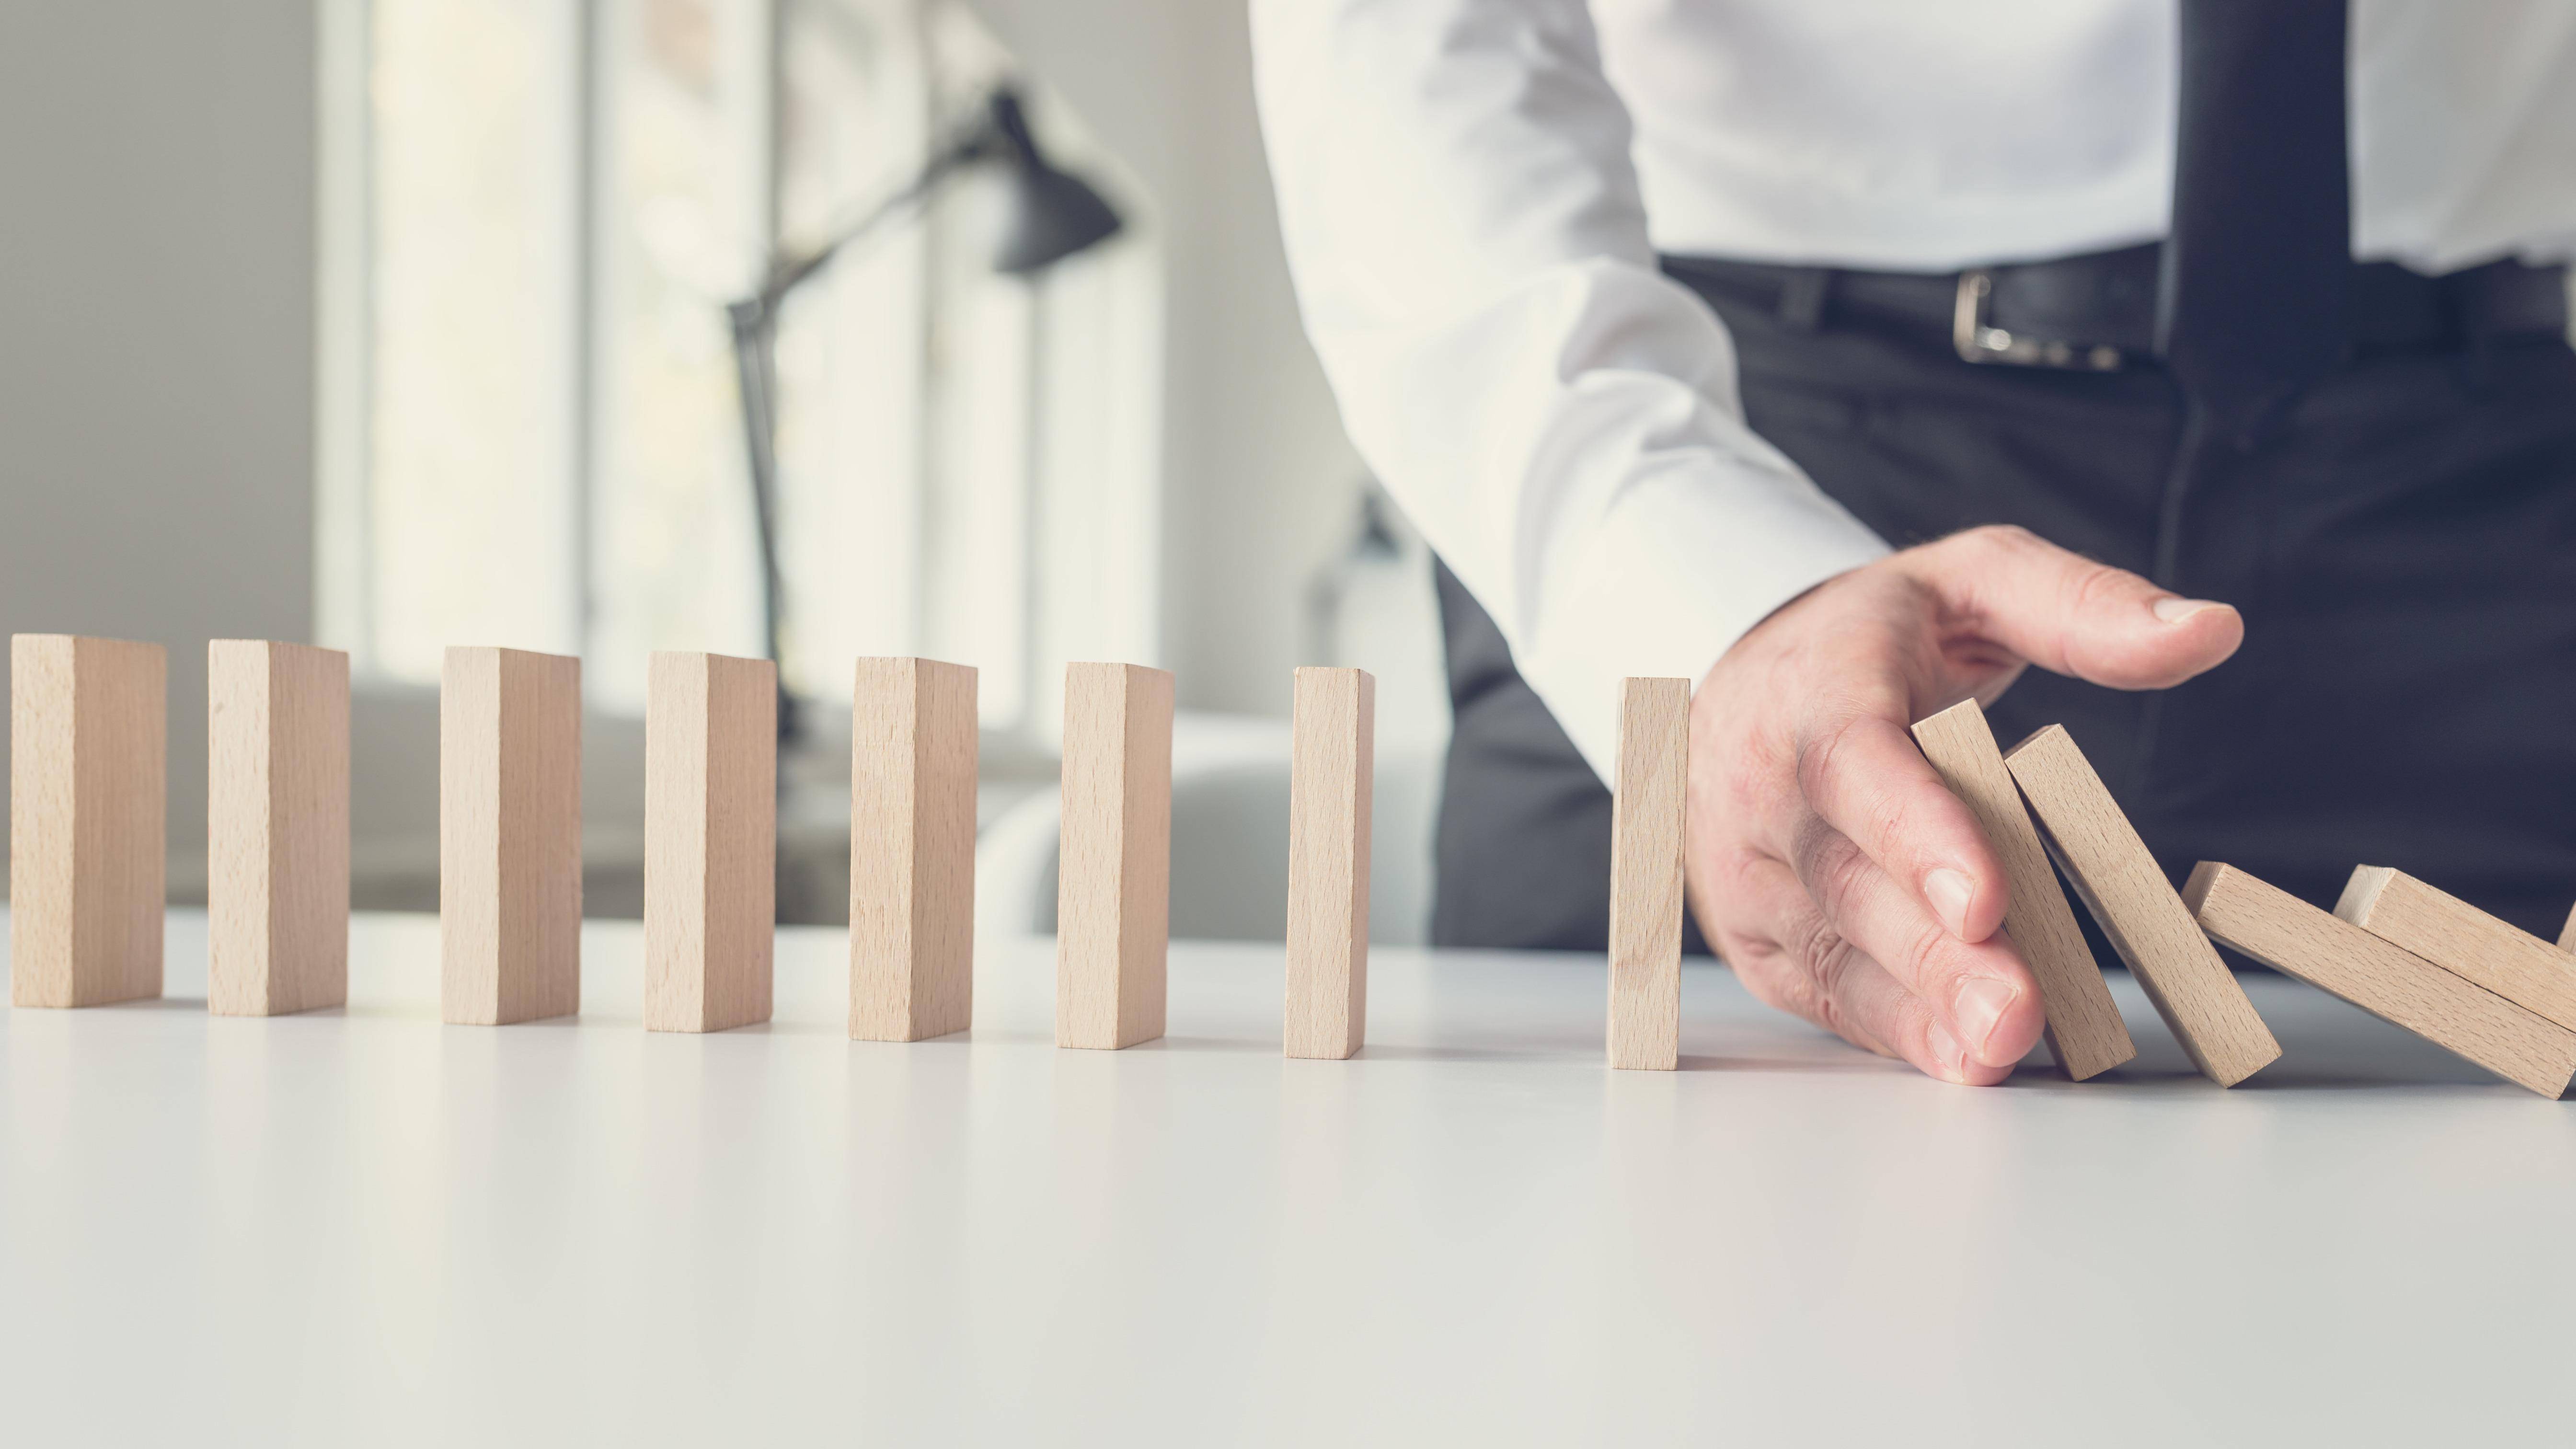 Một nửa số các doanh nghiệp còn đangcố gắng duy trì hoạt động sản xuất kinh doanh cho biết dòng tiền hiện tại chỉ có thể giúp duy trì họ hoạt động từ 1 đến dưới 3 tháng.